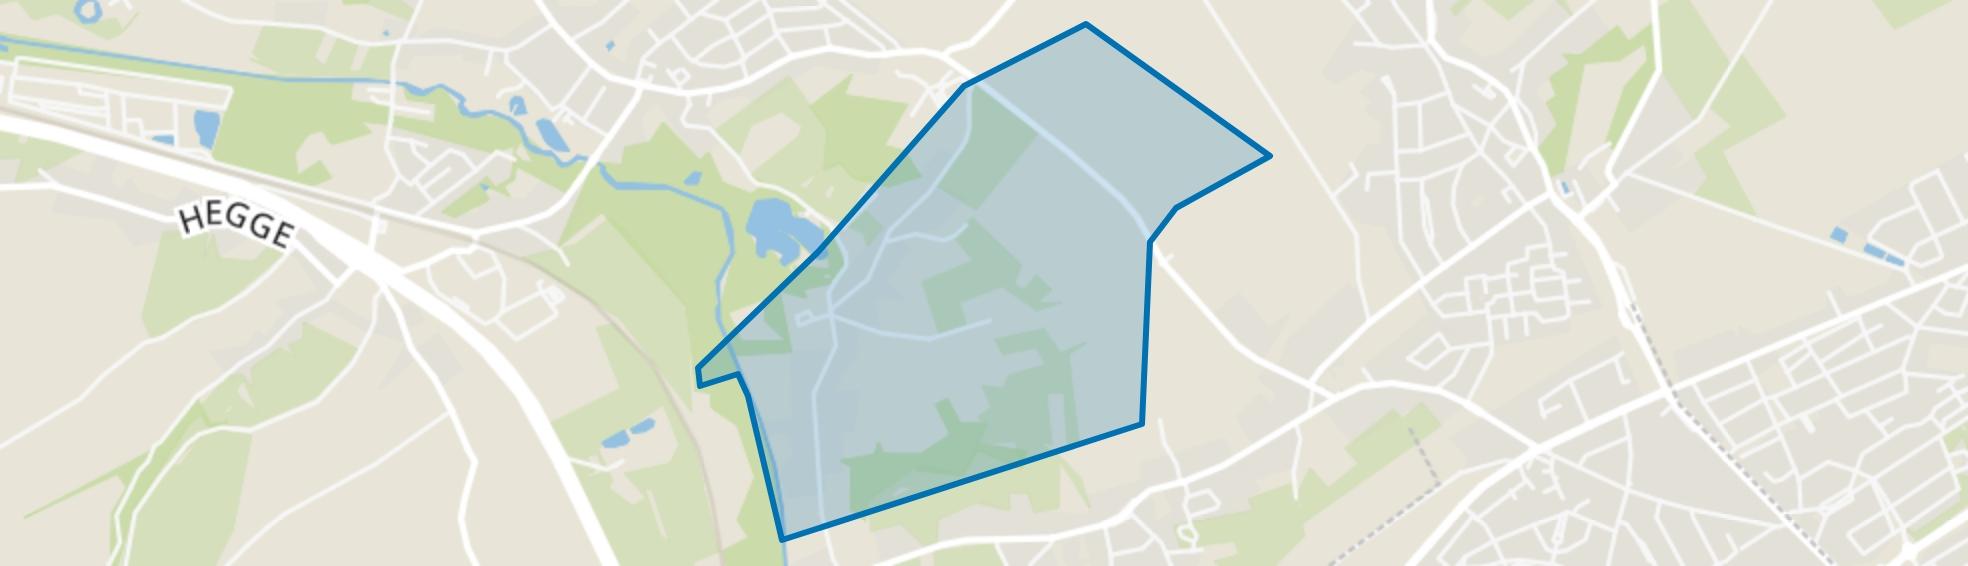 Thull, Schinnen map